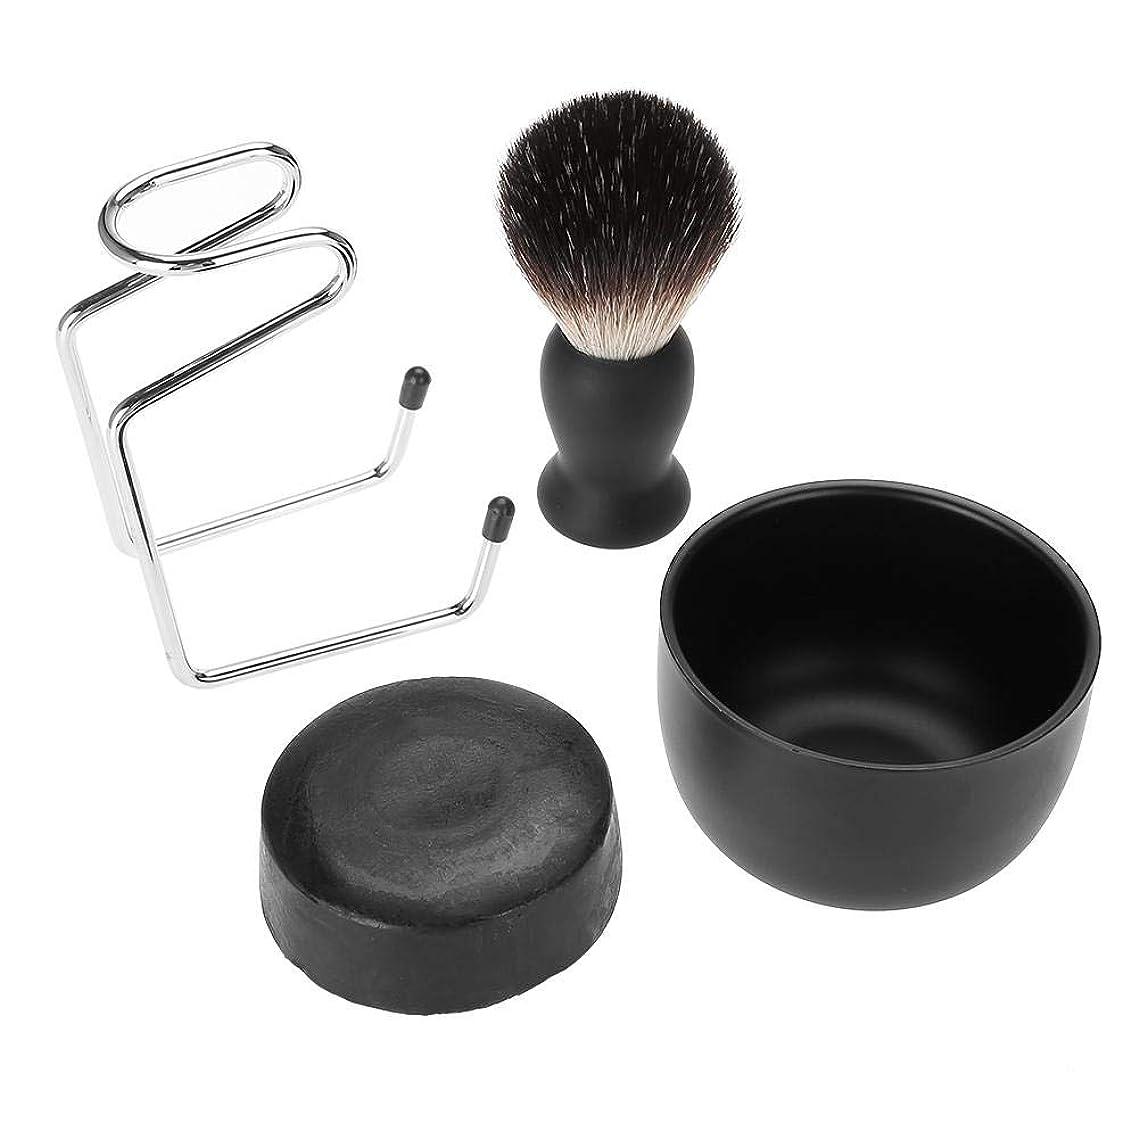 シャワーブラインド維持ひげ剃りセット、ひげ剃りツールキット付きシェービングブラシ+ブラシスタンド+シェービングソープ+男性用ギフトサロンホームトラベル使用